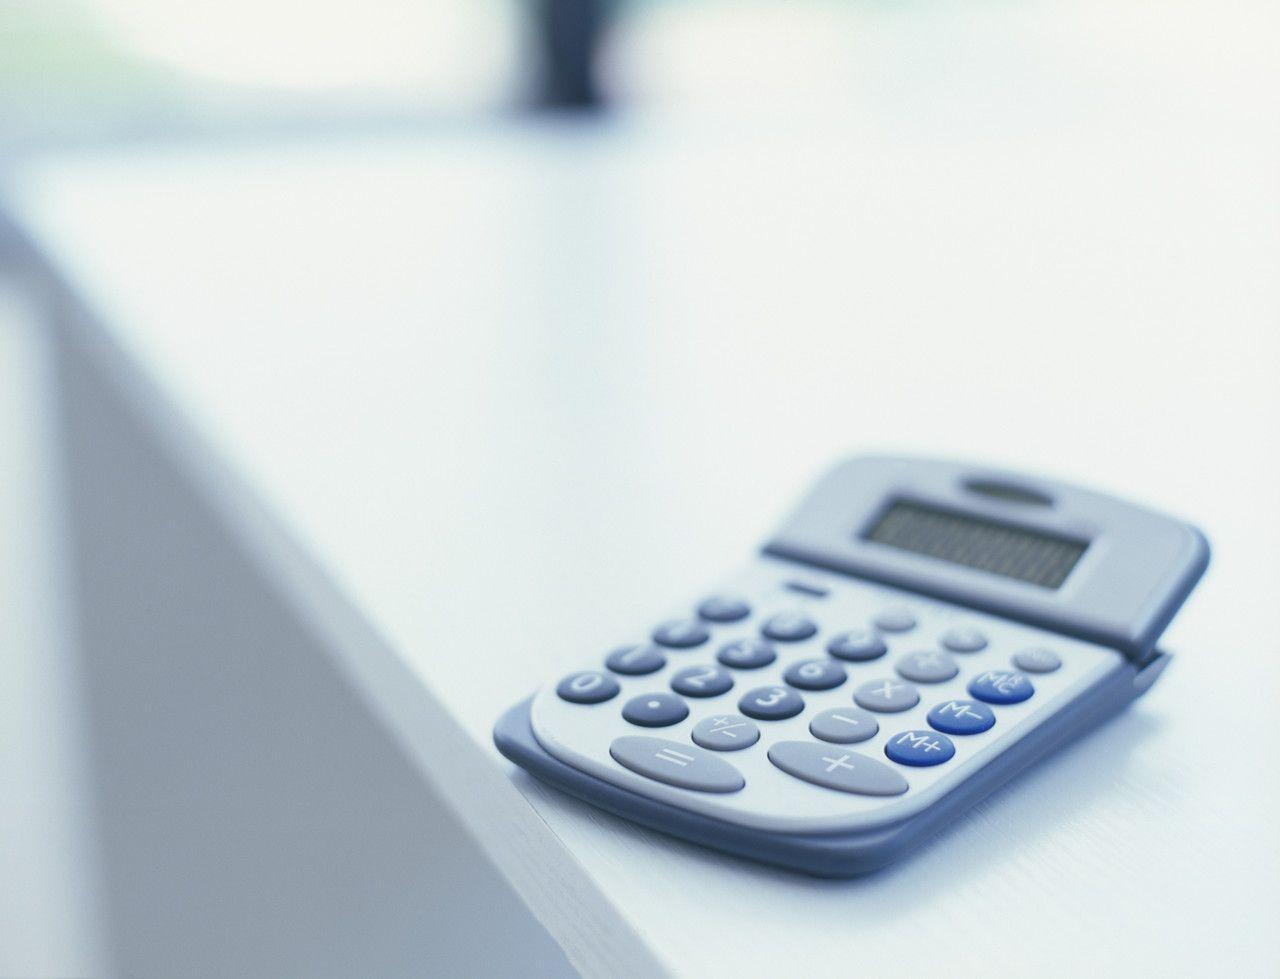 Nova taxa que corrige empréstimos do BNDES ao setor produtivo começa a valer